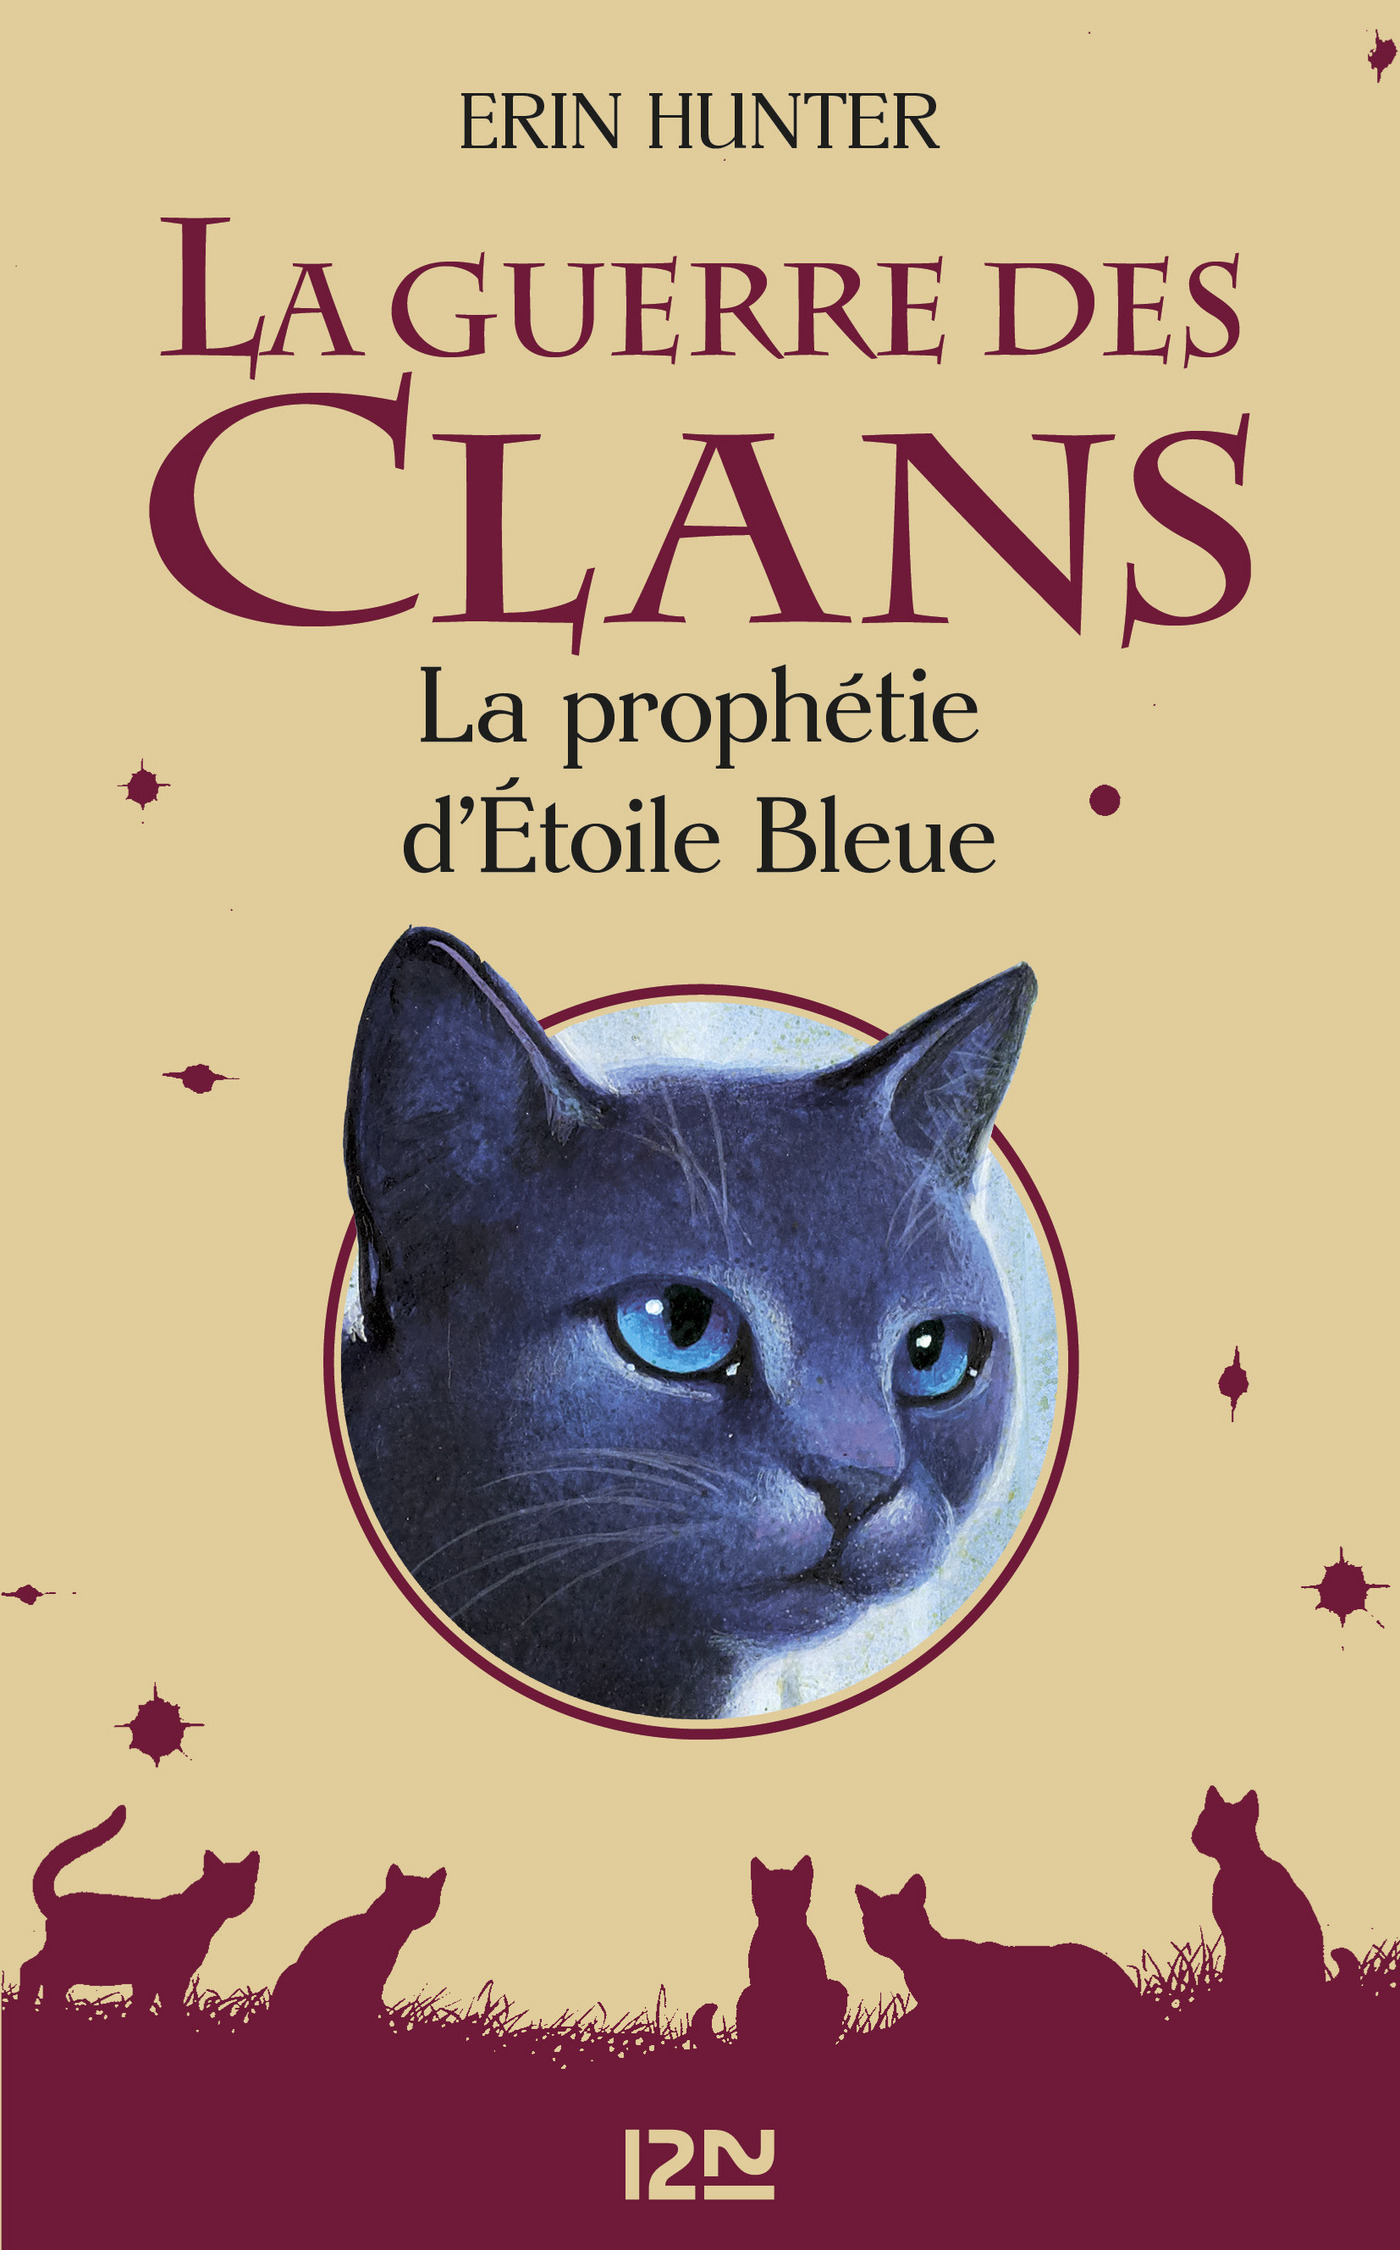 La guerre des clans - La prophétie d'Étoile Bleue